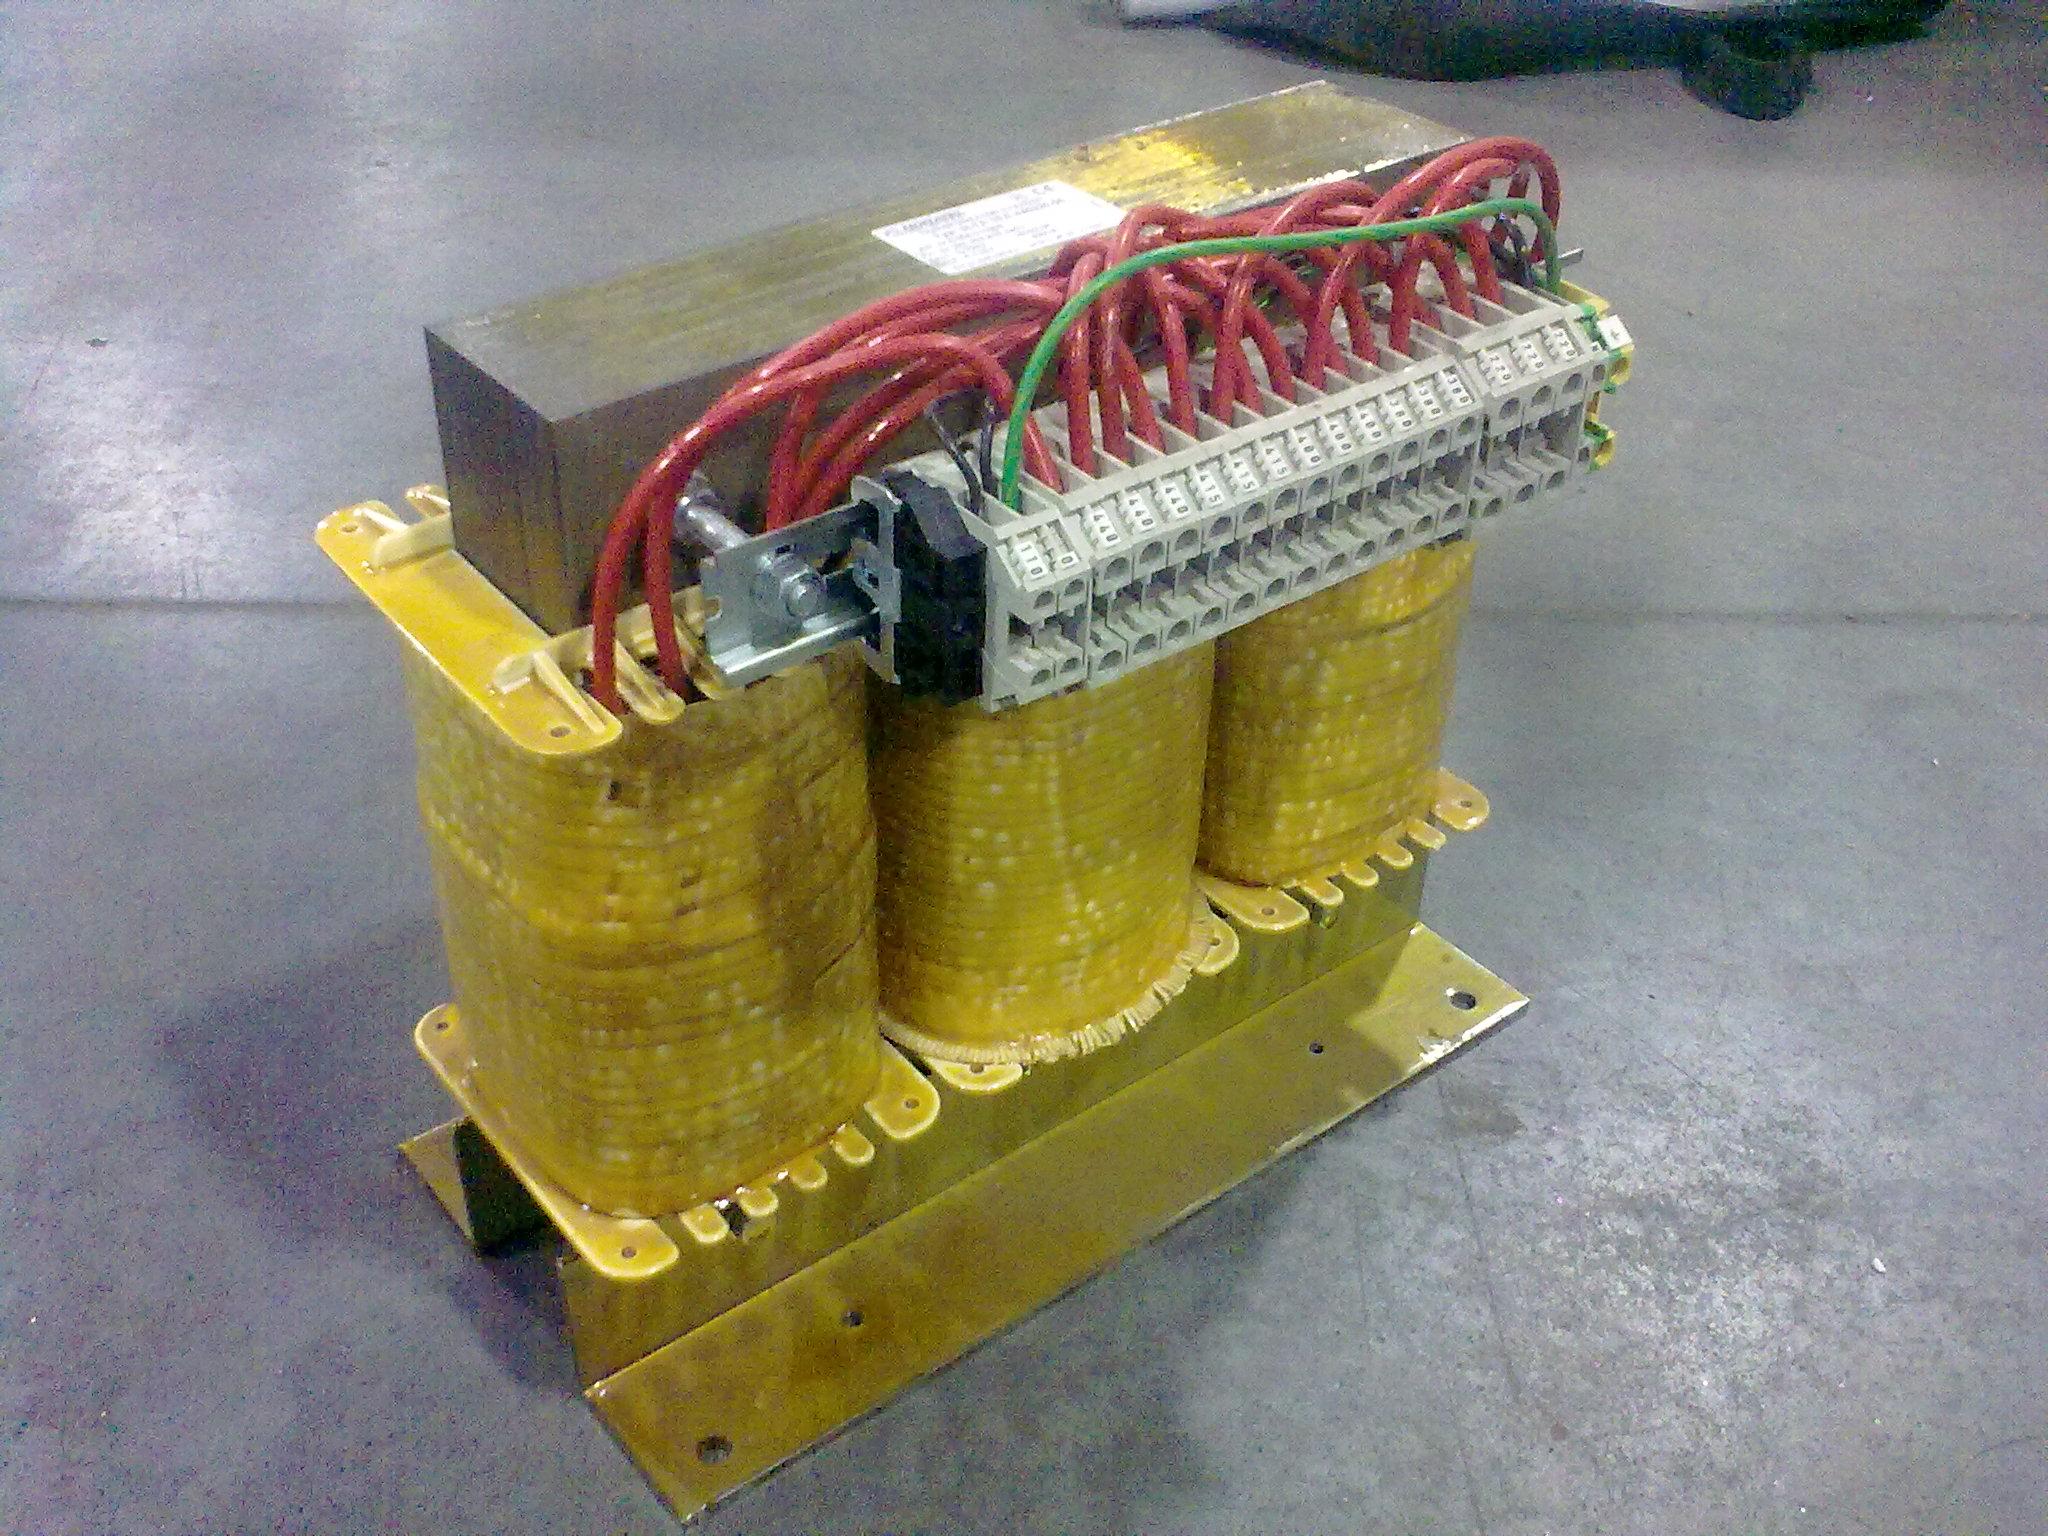 [Sprzedam] Transformator Noratel 3LTA10,0-440220-00 15kVA nowy